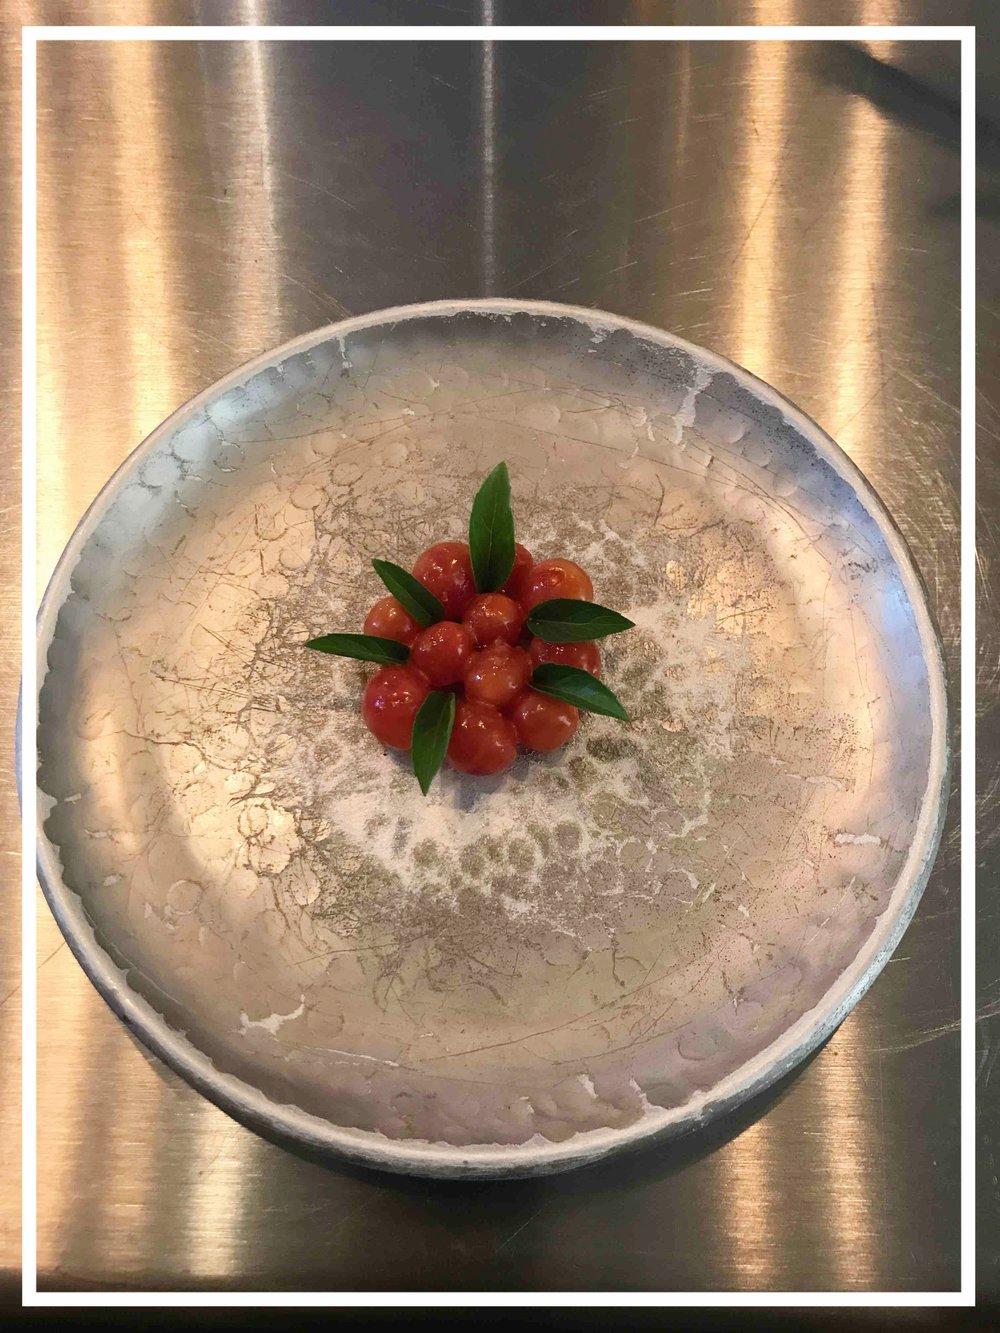 #mrazundsohn #amuse3 #kulinarischges #sternegastronomie #wien #disawistories.jpg